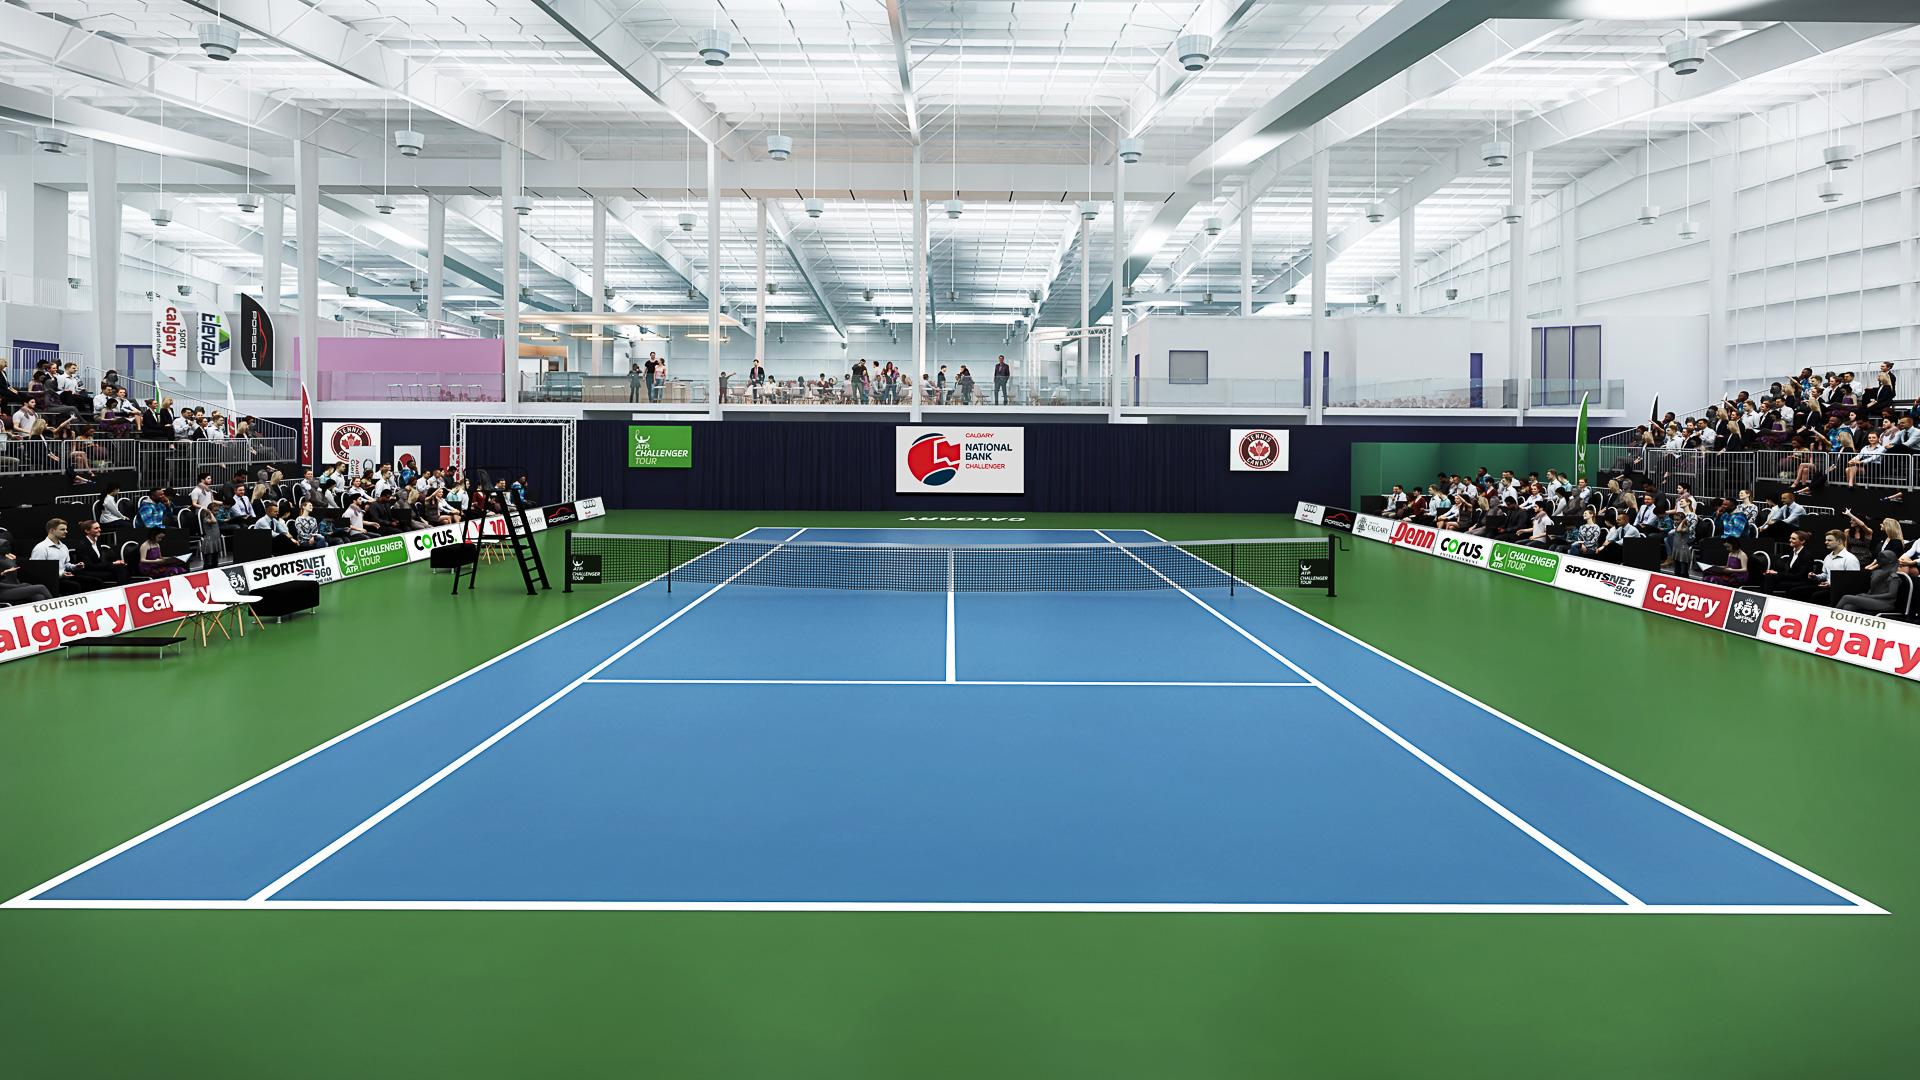 Alberta-Tennis-Centre-Renderings-01.jpg